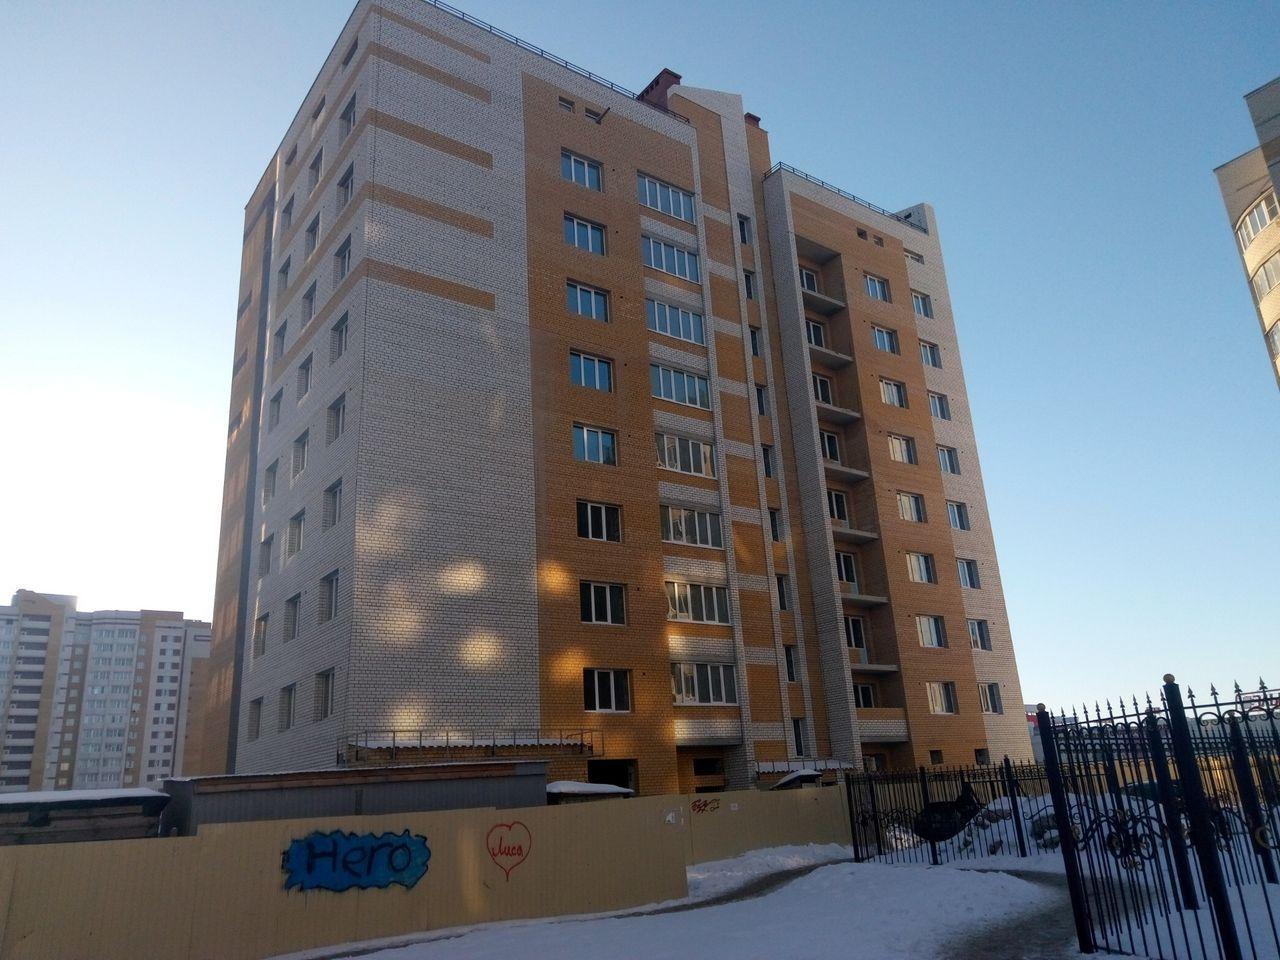 Справку из банка Чичерина улица купить трудовой договор Бориса Галушкина улица